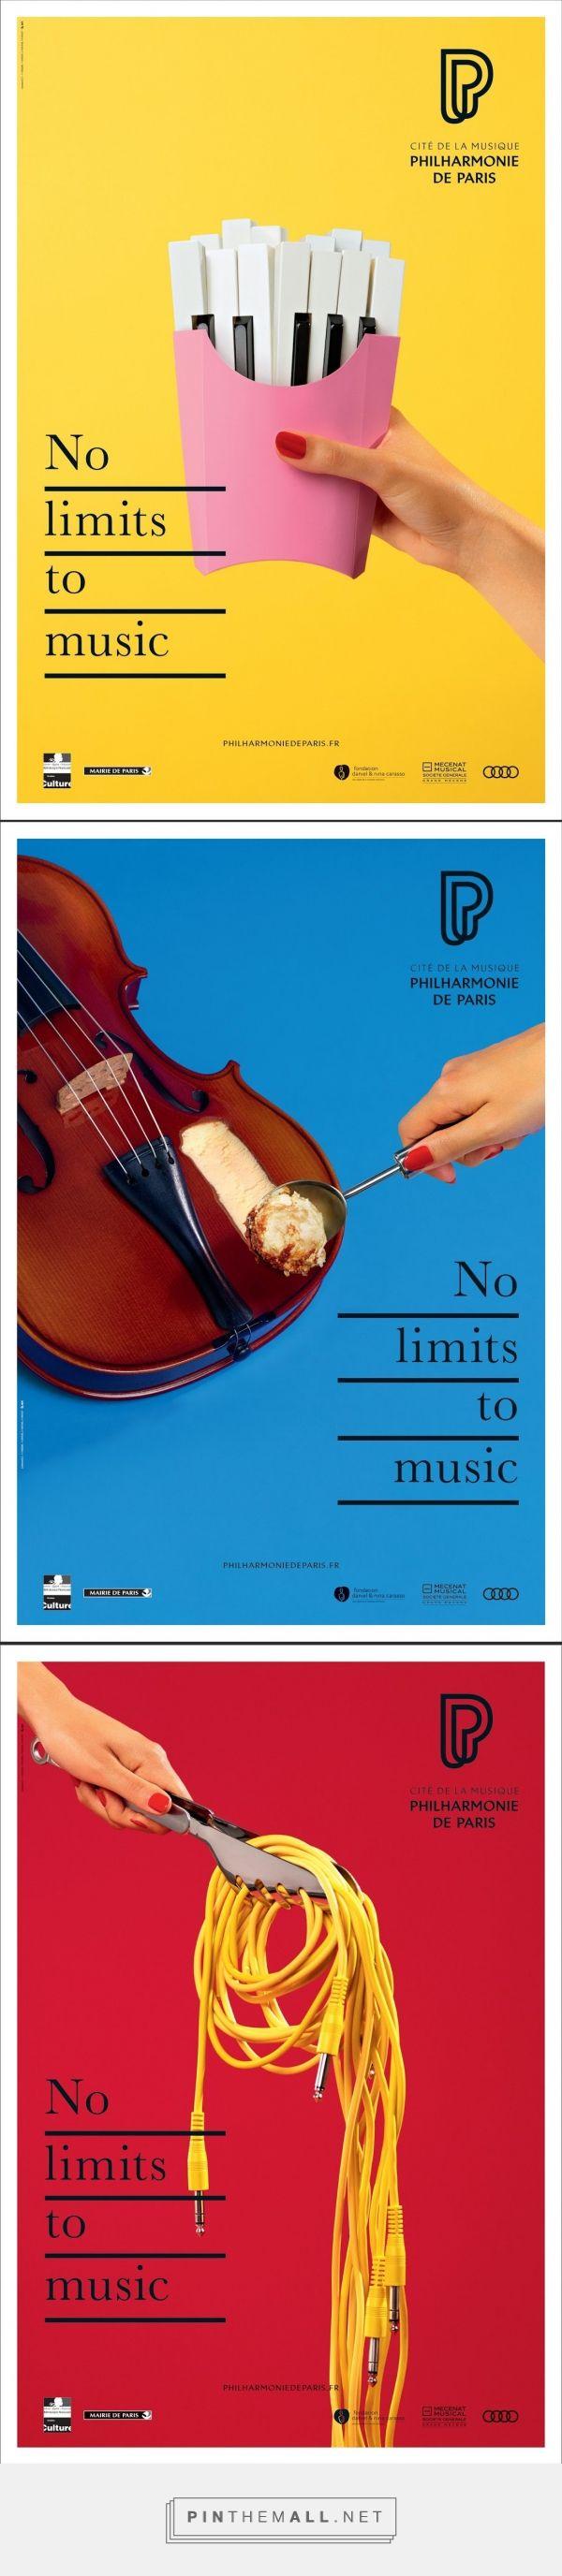 Creative-Advertising-Concepto-devorar-la-música-campaña-para-la-filarmónica-de-parís-created Creative Advertising : Concepto: devorar la música, campaña para la filarmónica de parís - created ...